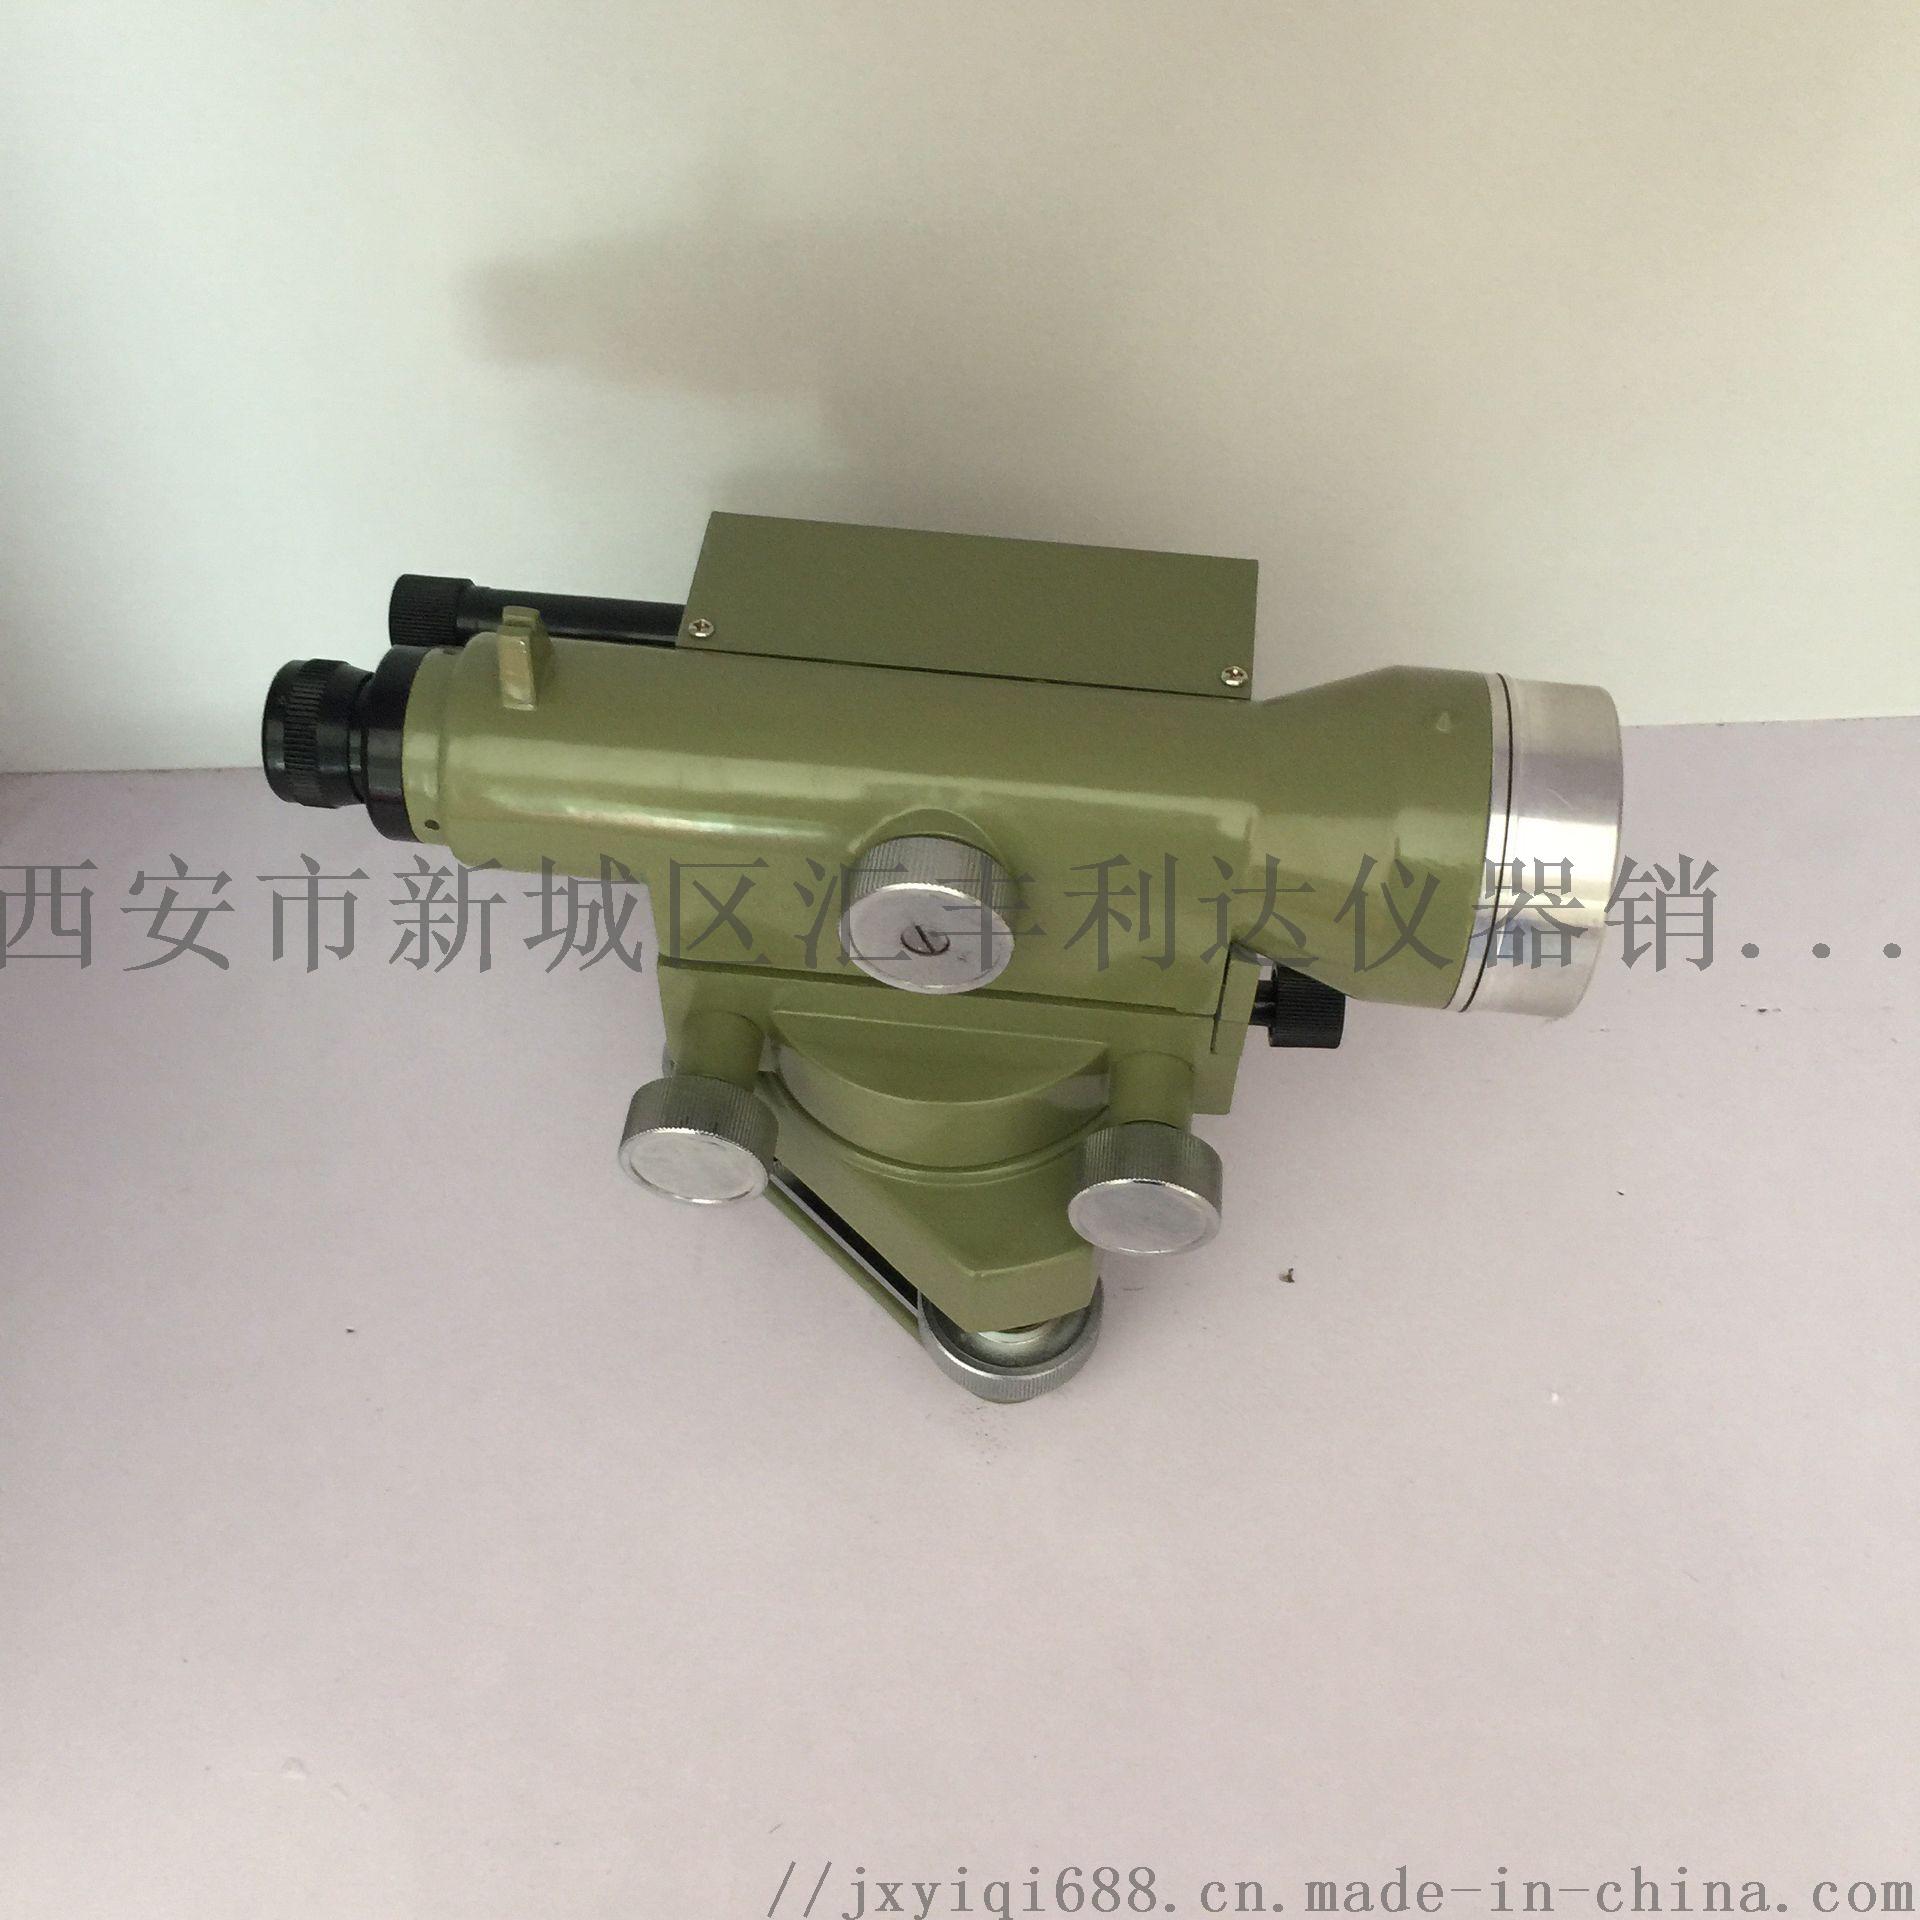 西安水准仪经纬仪全站仪垂准仪测绘仪器店809635825